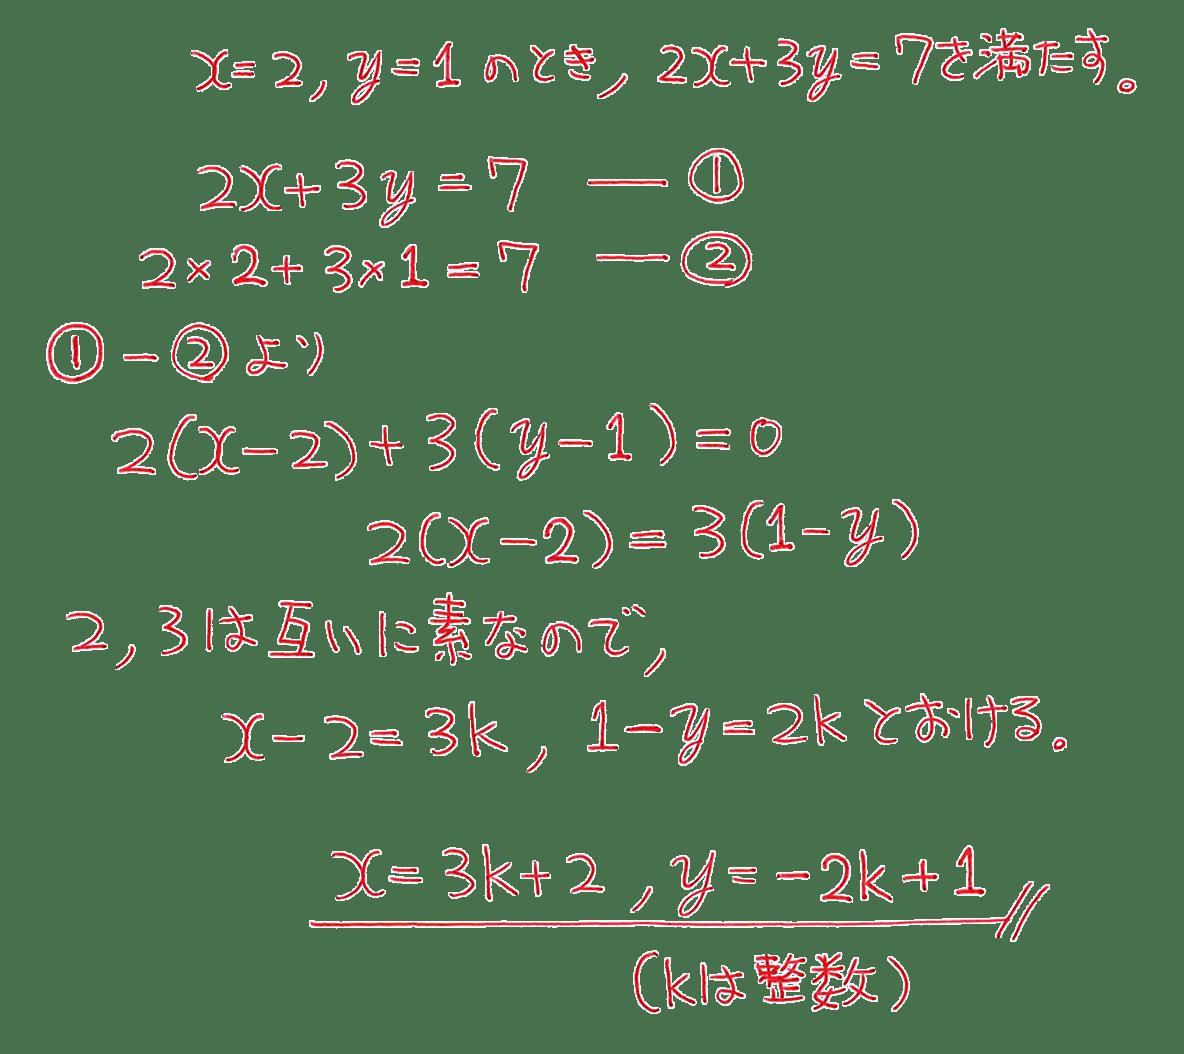 高校数学A 整数の性質32 例題の答え